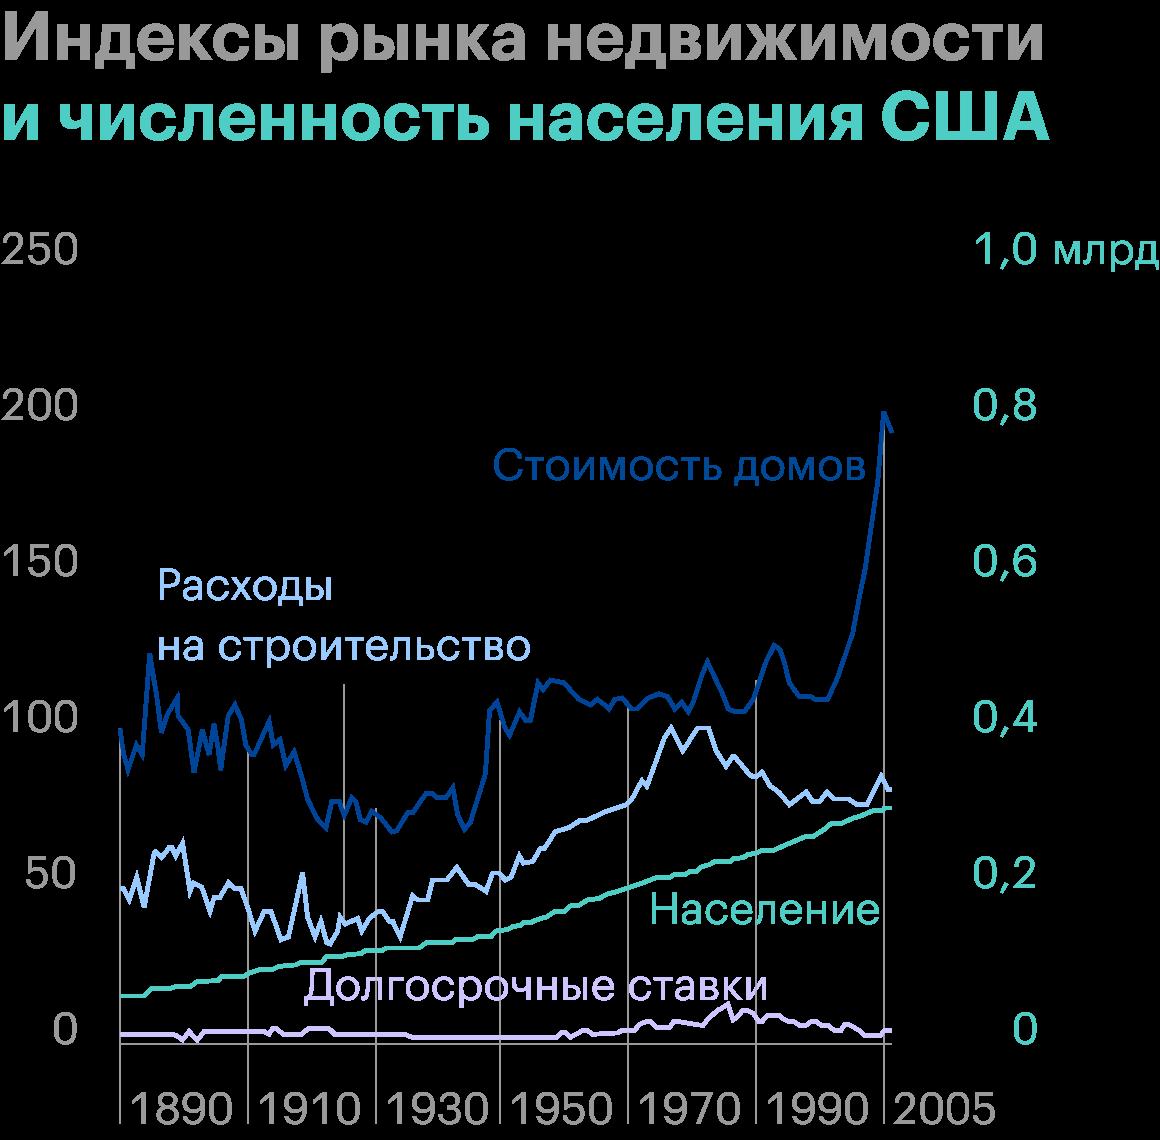 На этом графике видно, что стоимость домов в 2000-х годах оторвалась от реальных расходов на строительство, количества людей и долгосрочных процентных ставок. Источник: «Иррациональный оптимизм», Роберт Шиллер